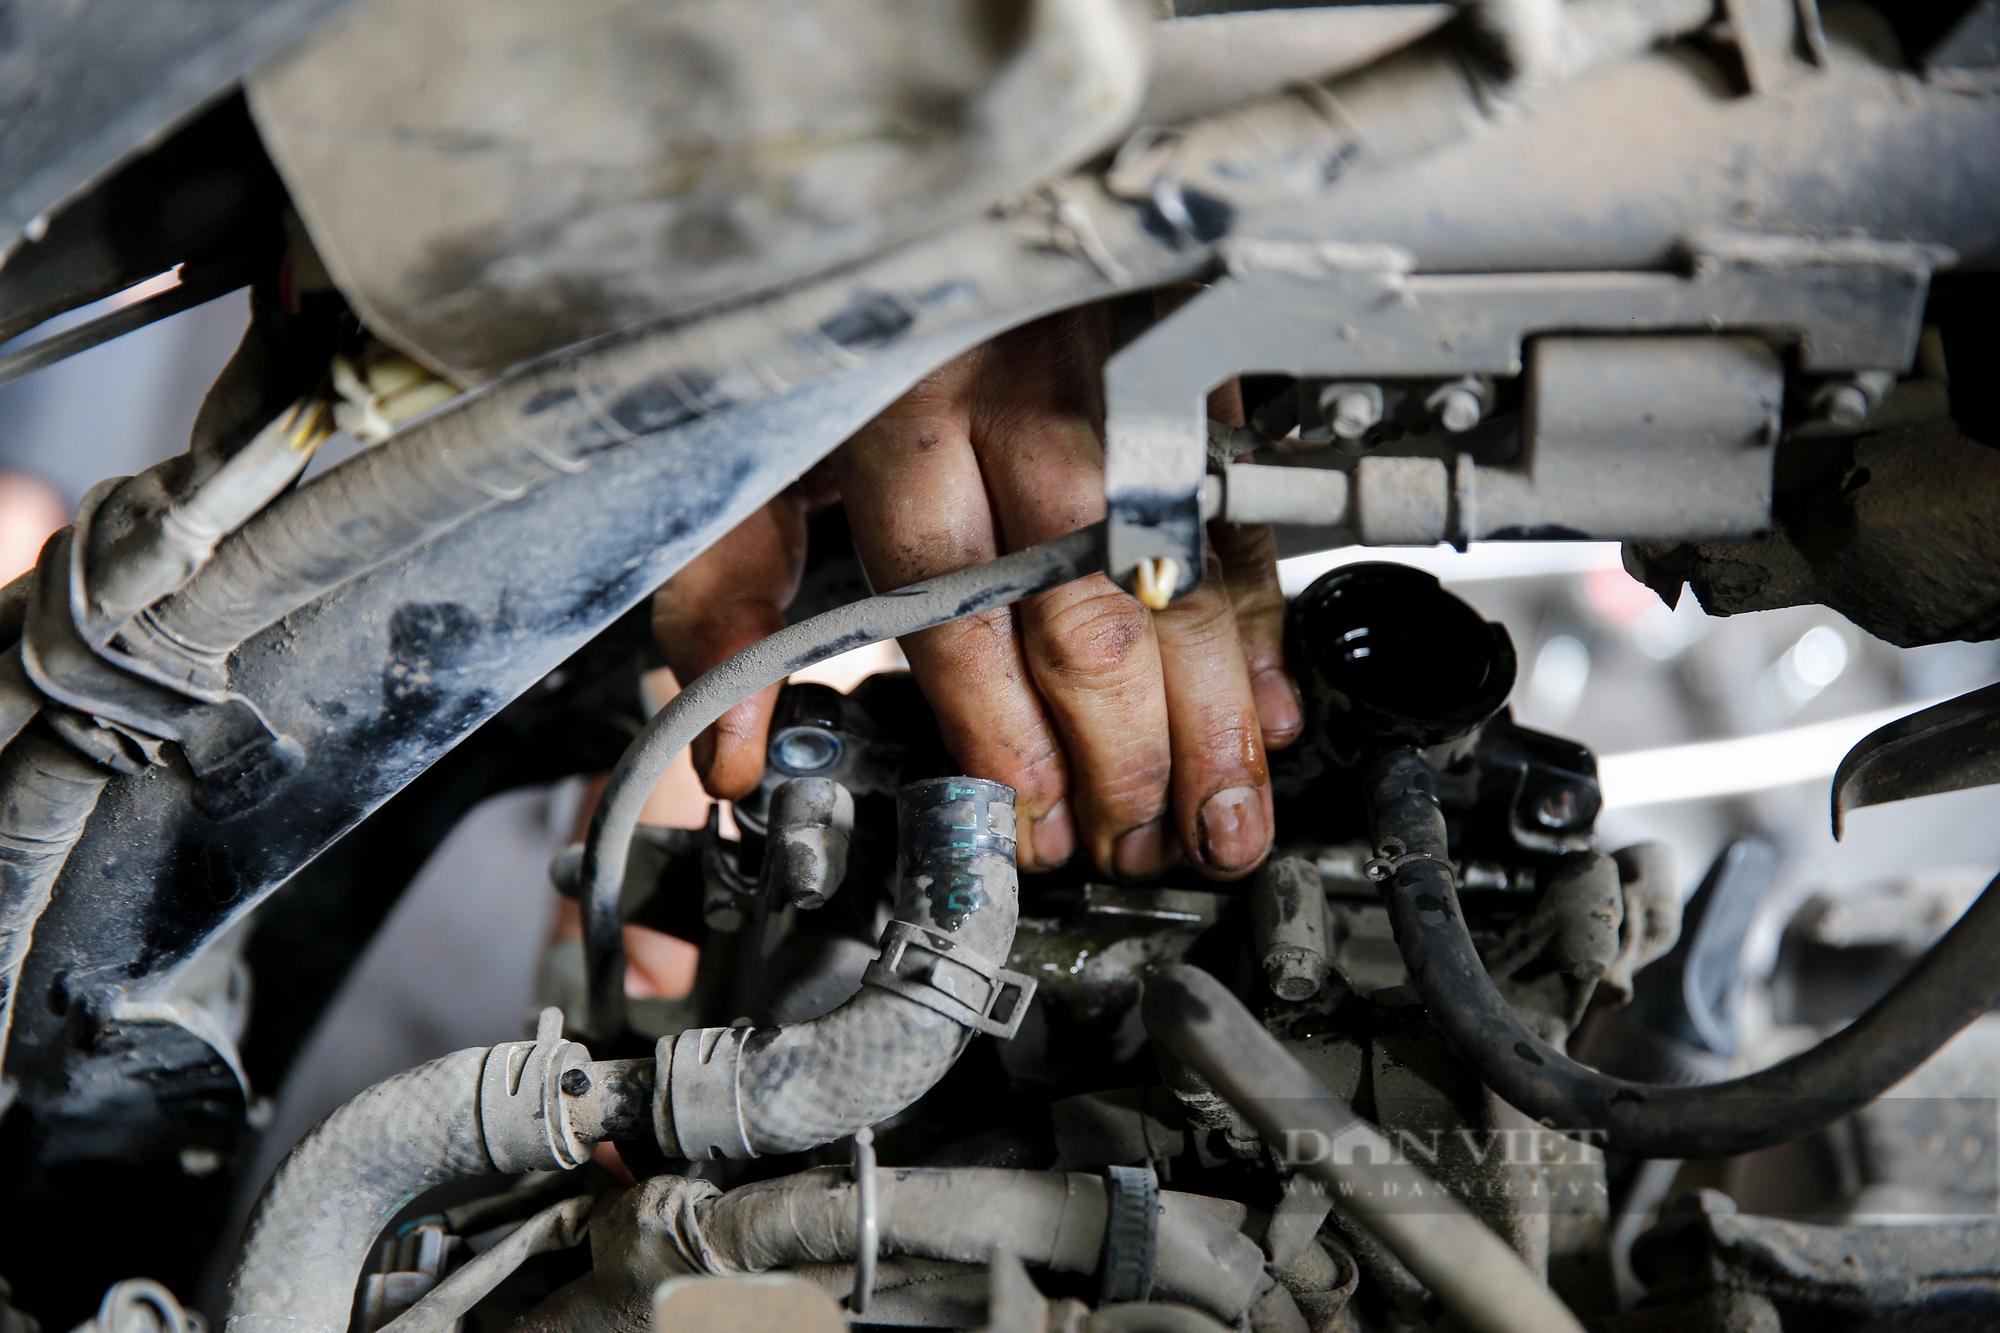 Hà Nội: Mang xe máy đi sửa, khách hàng phải chờ từ sáng đến chiều tối mới có thể nhận được xe - Ảnh 4.